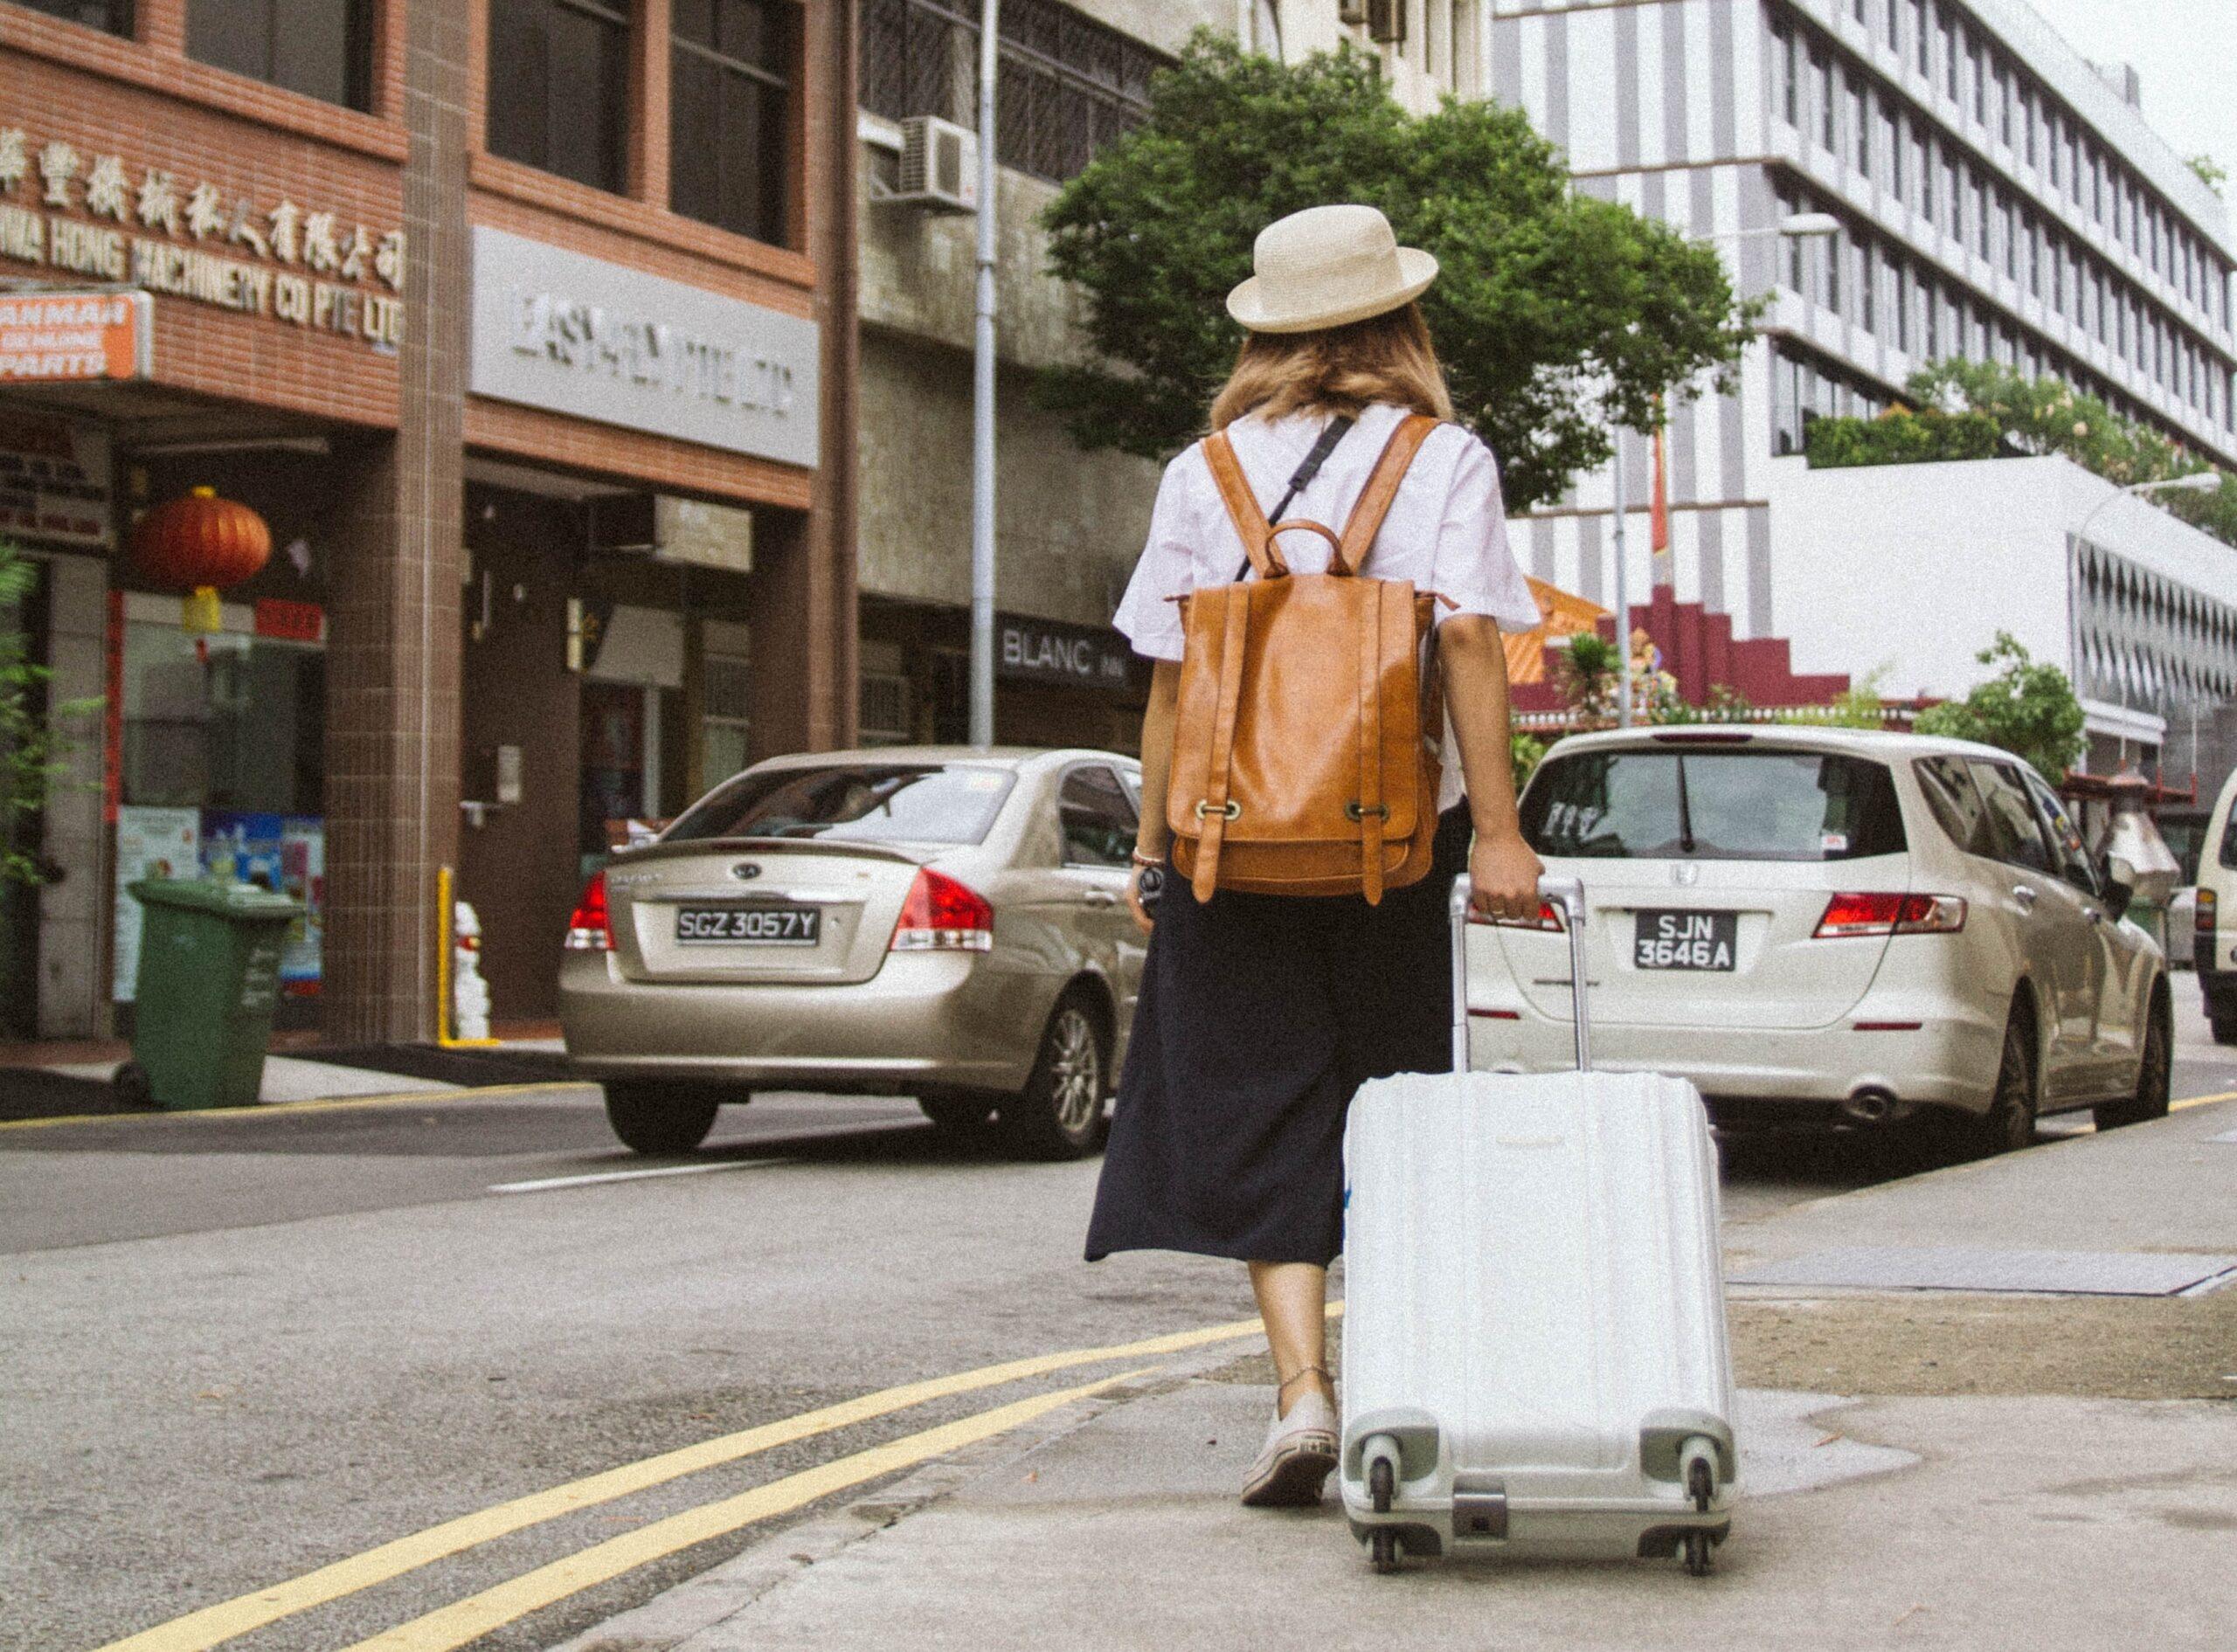 viajar con maleta de mano viajes low cost